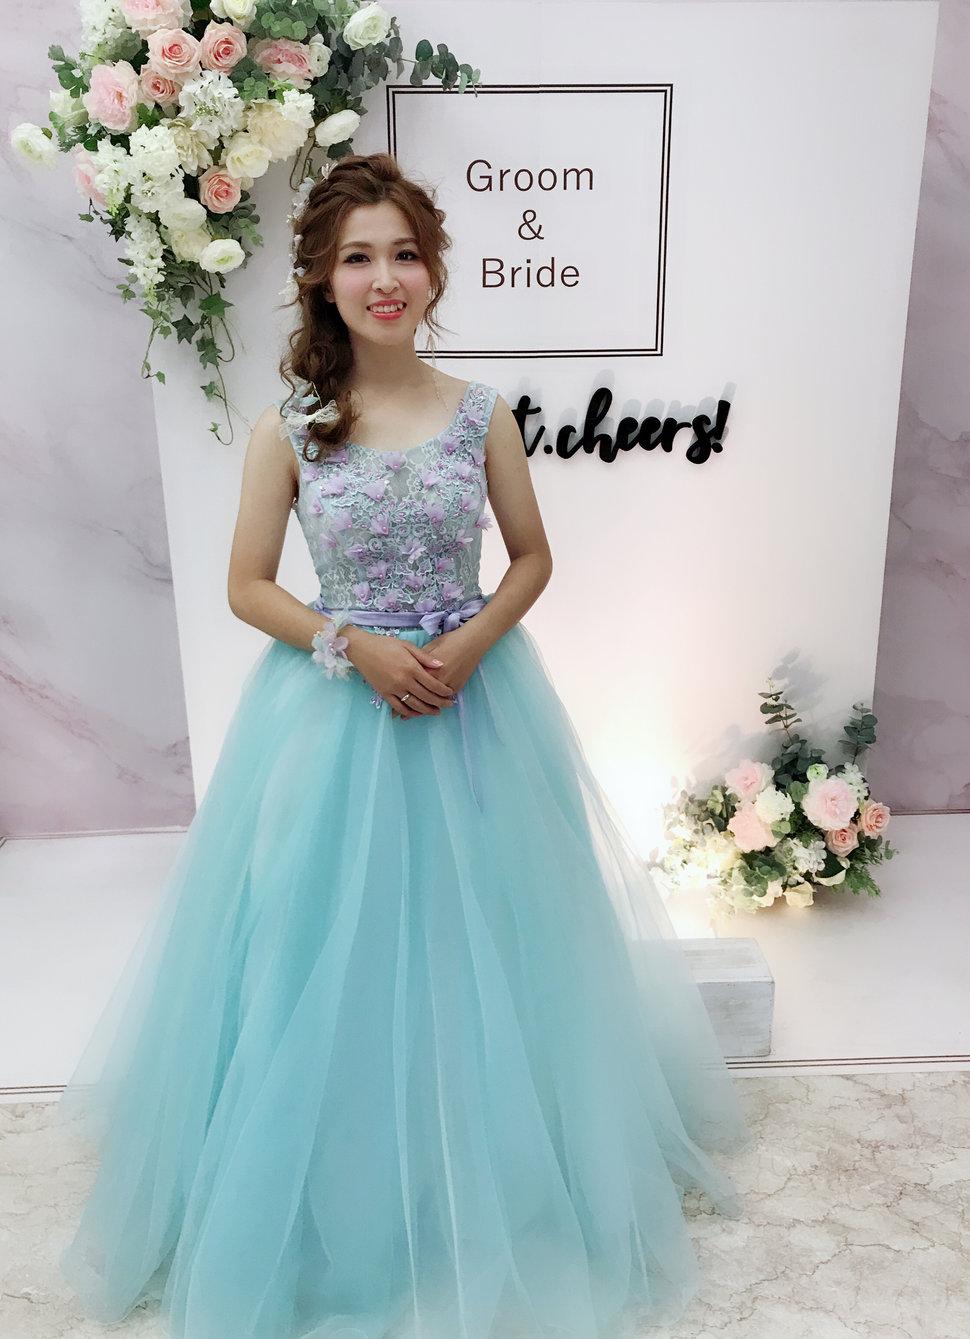 4A79F43D-80D8-447B-BDD3-9E1961A310E2 - 台中高雄新娘秘書Ally Chen《結婚吧》